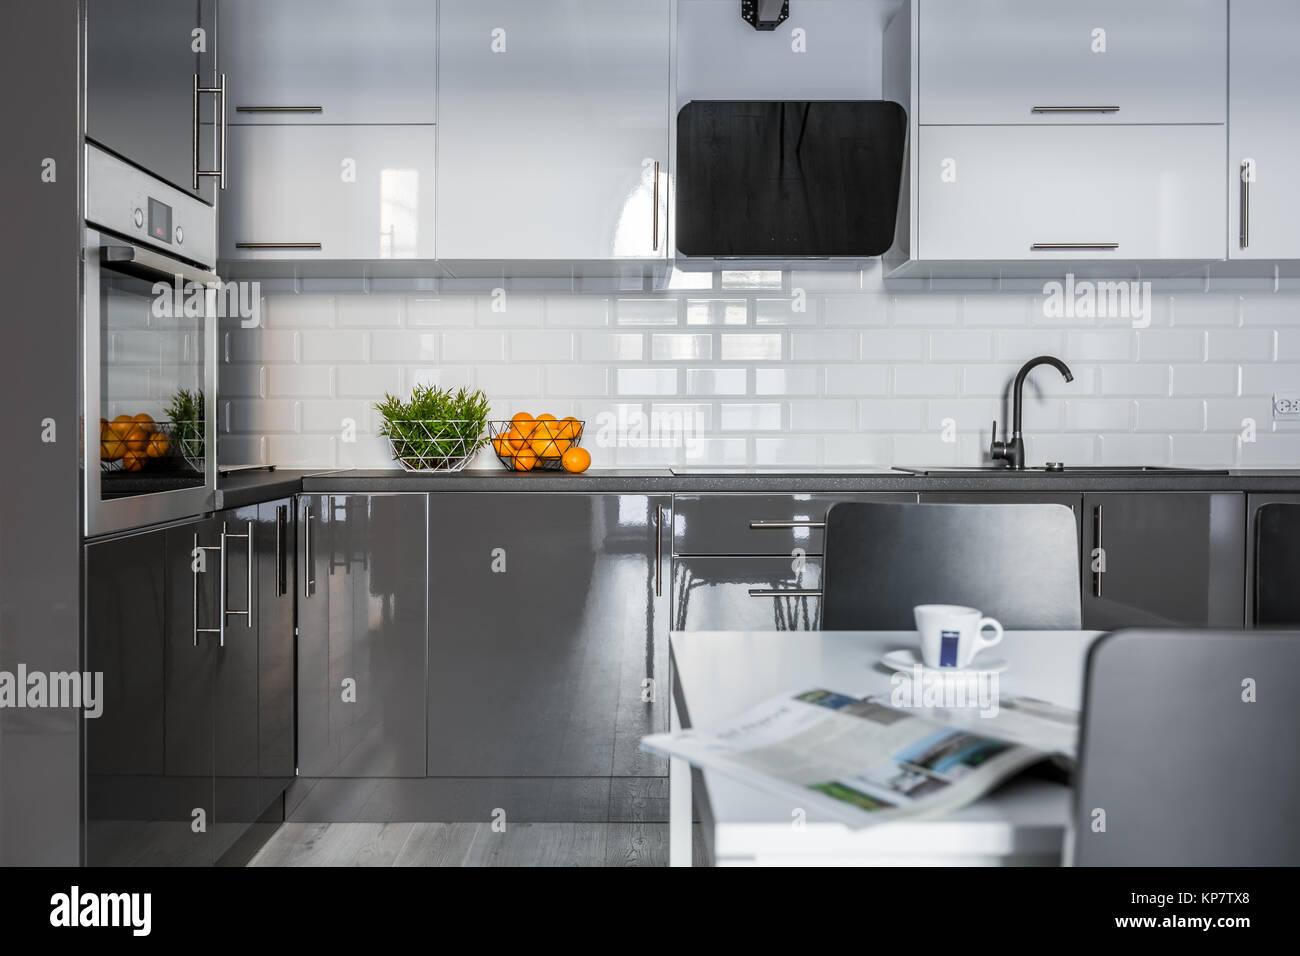 Cucine Bianco Grigio : Alta bianco lucido e grigio armadi in cucina moderna foto